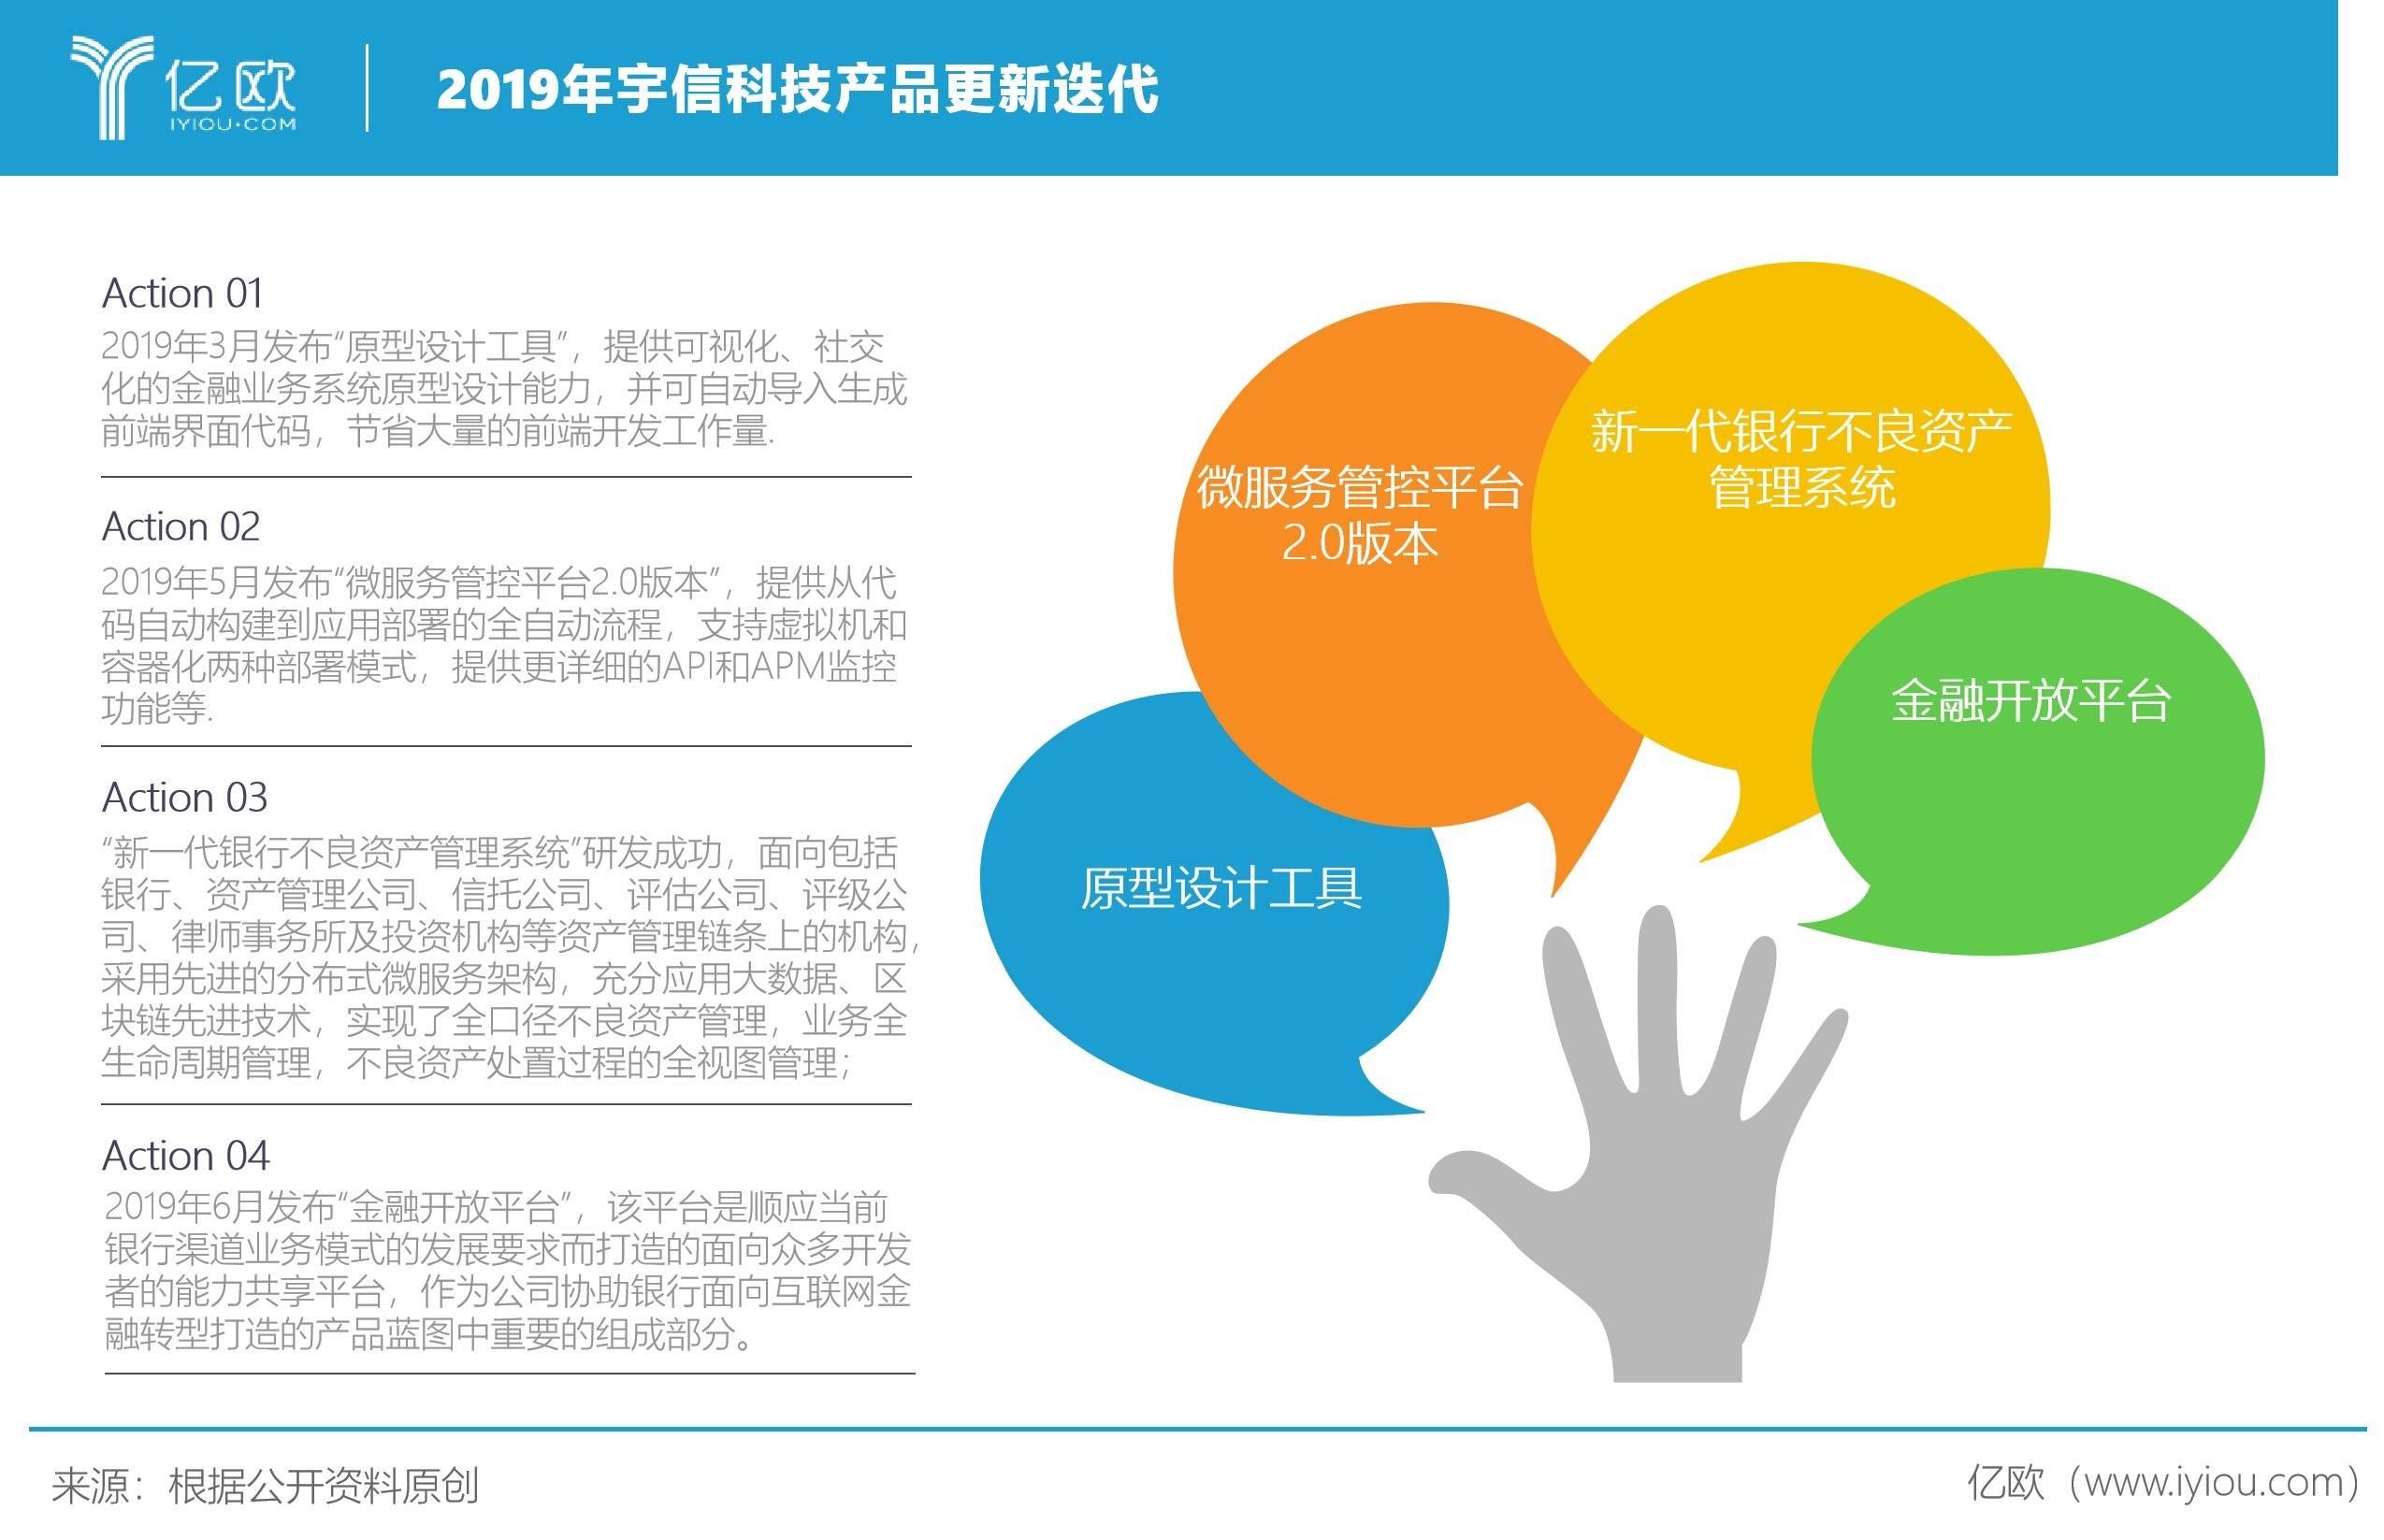 2019年宇信科技产品迭代